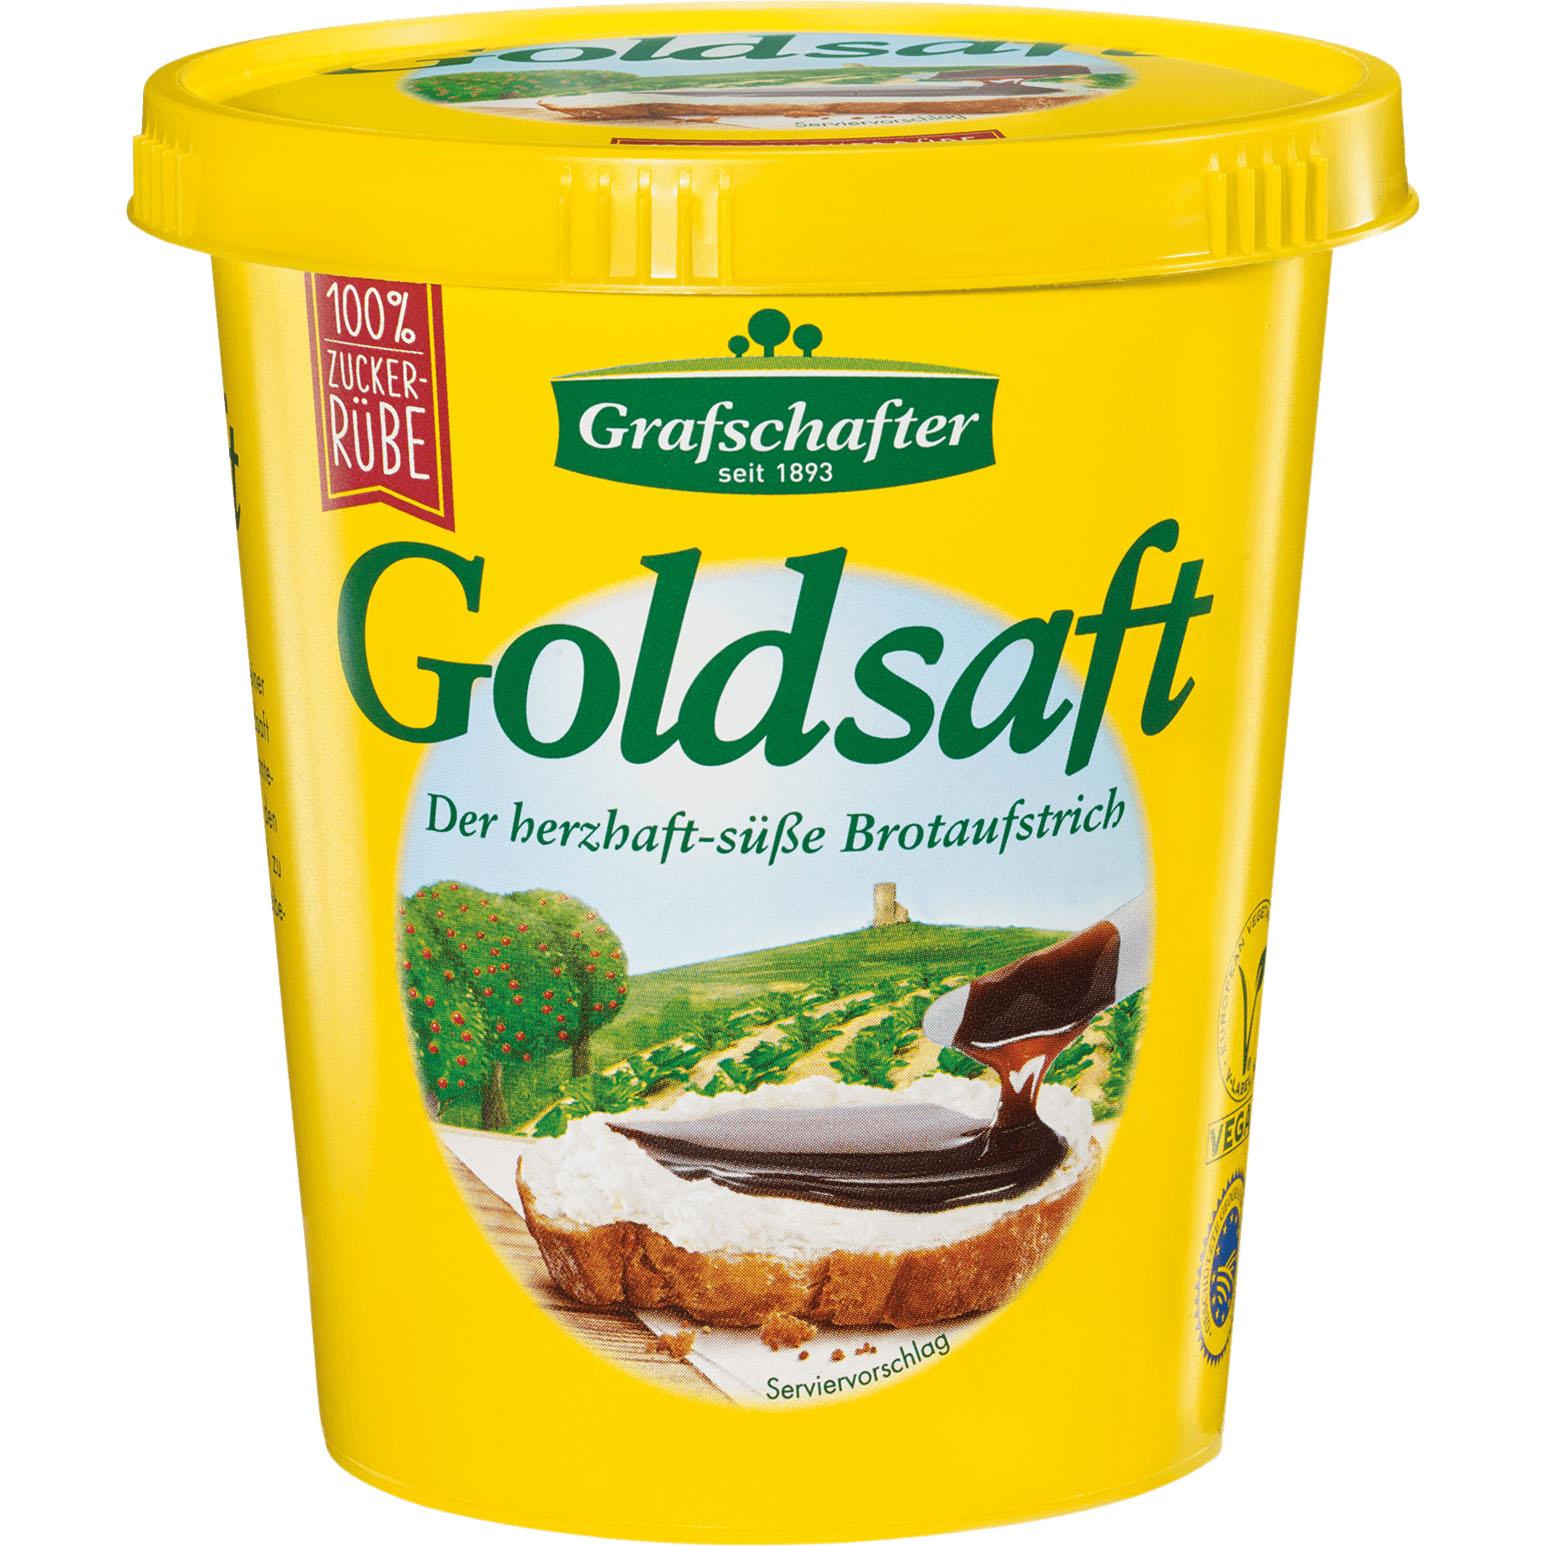 Grafschafter Goldsaft für nur 67 Cent bei Hit